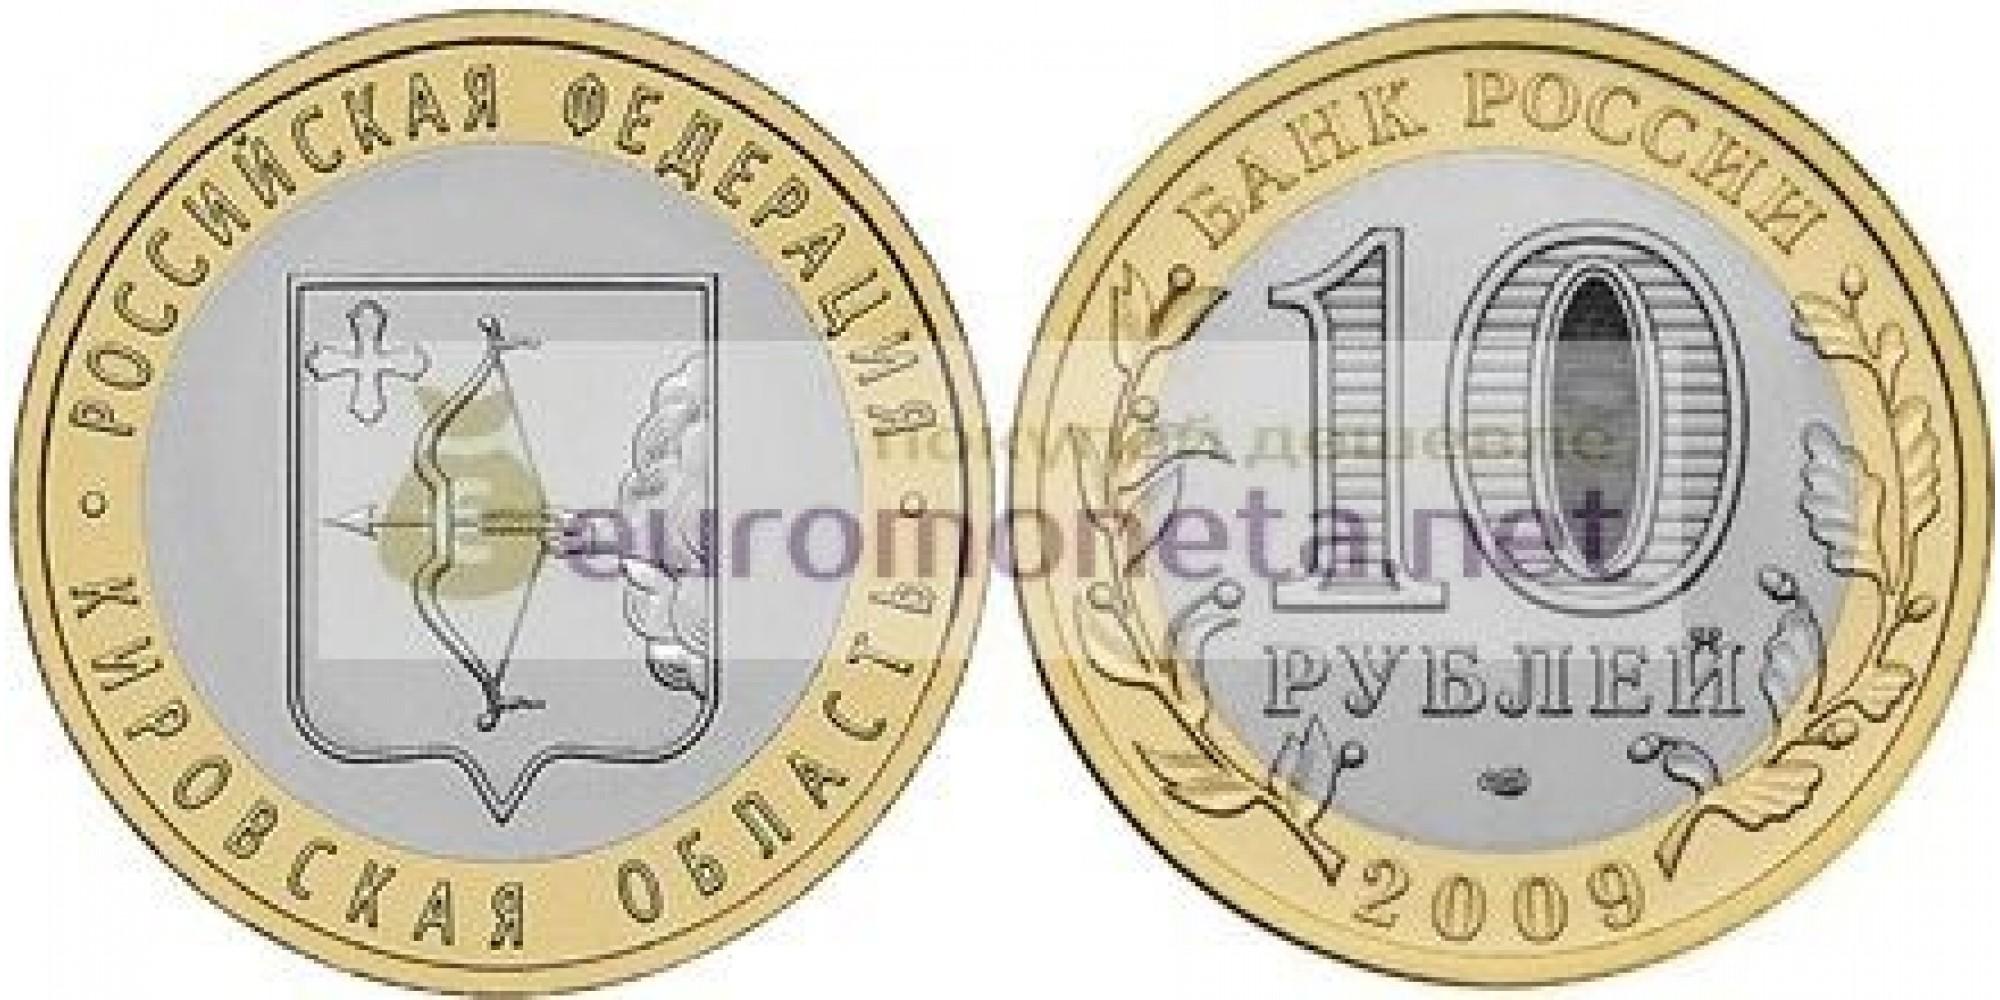 РФ 10 рублей 2009 год СПМД Серия: Российская Федерация Кировская область биметалл